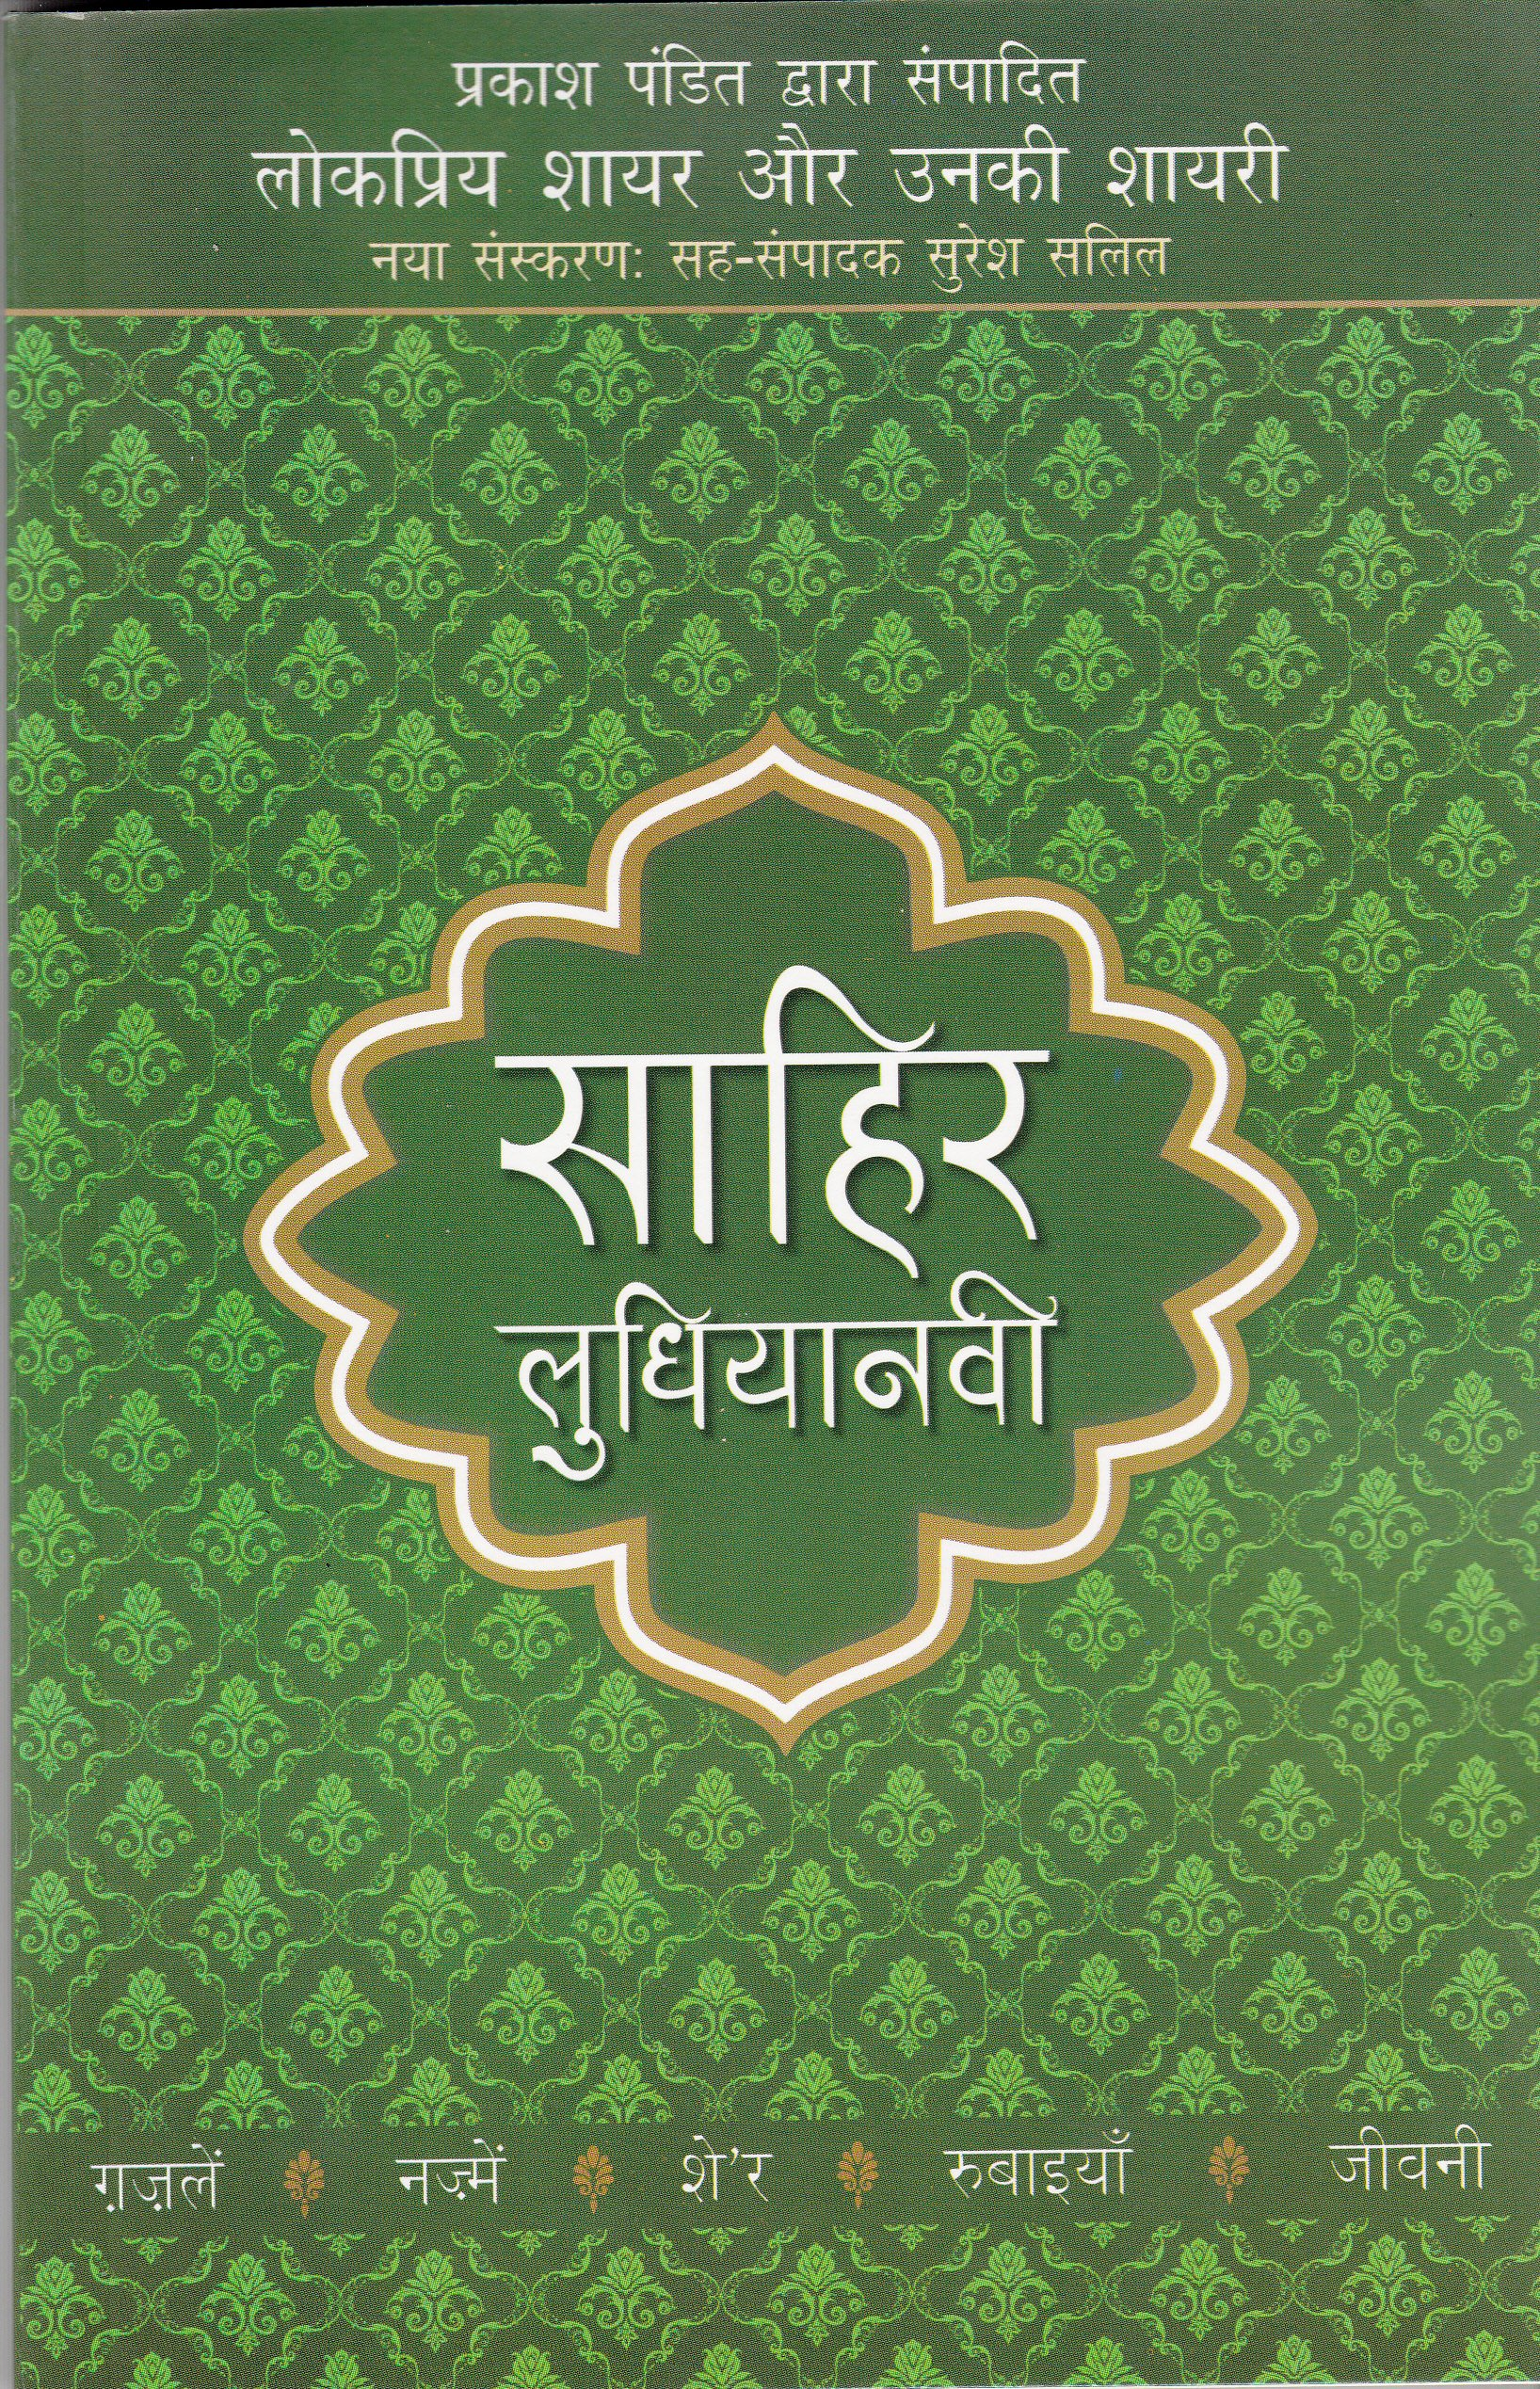 Lokpriya Shayar Aur Unki Shayari: Sahir Ludhianavi